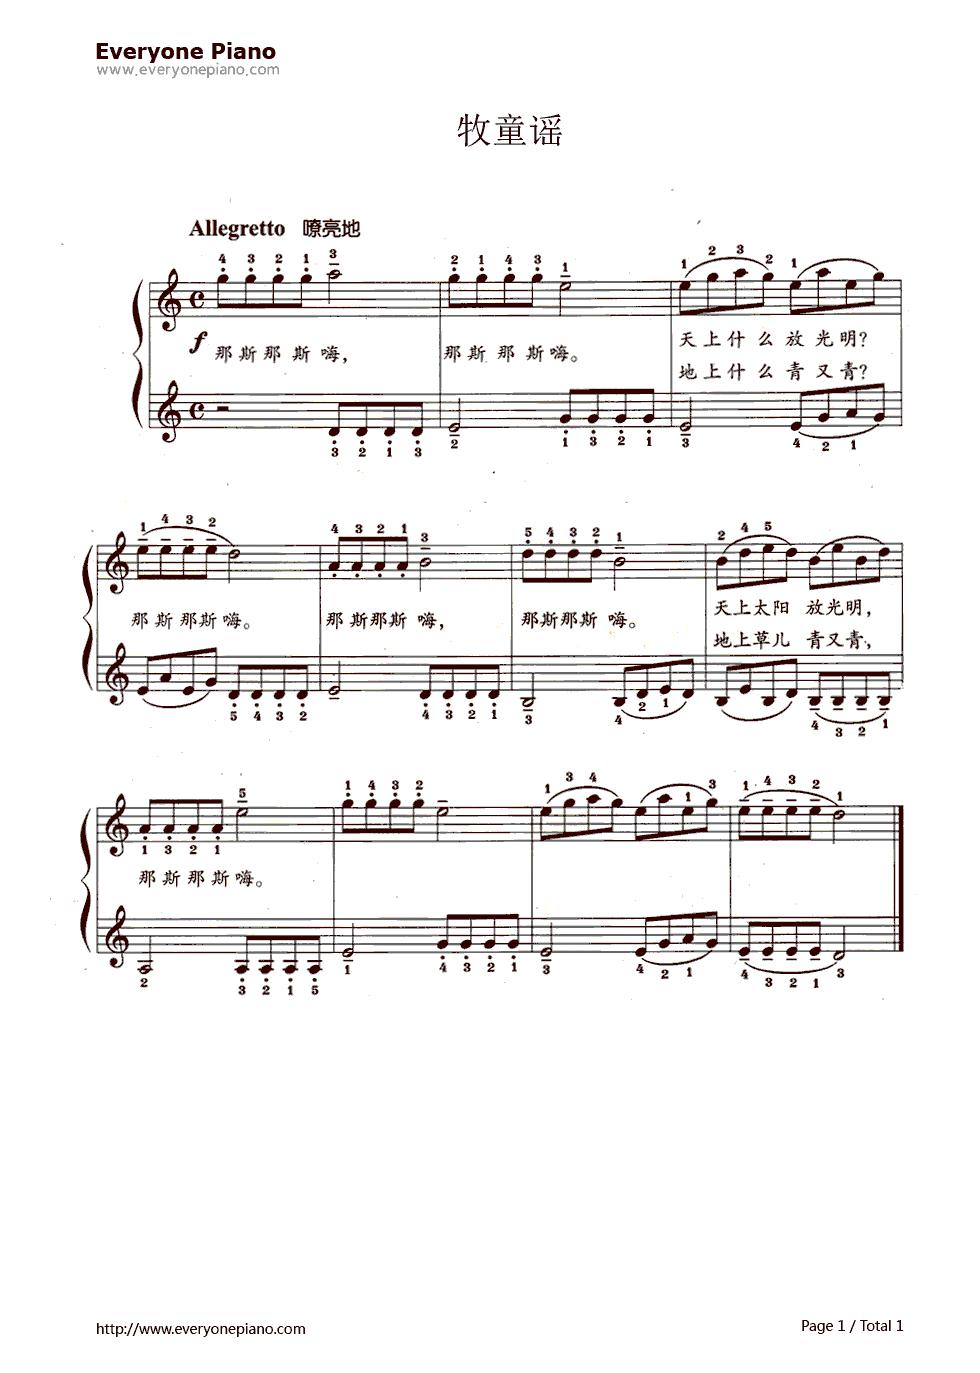 牧童谣五线谱预览1-钢琴谱(五线谱,双手简谱)免费下载